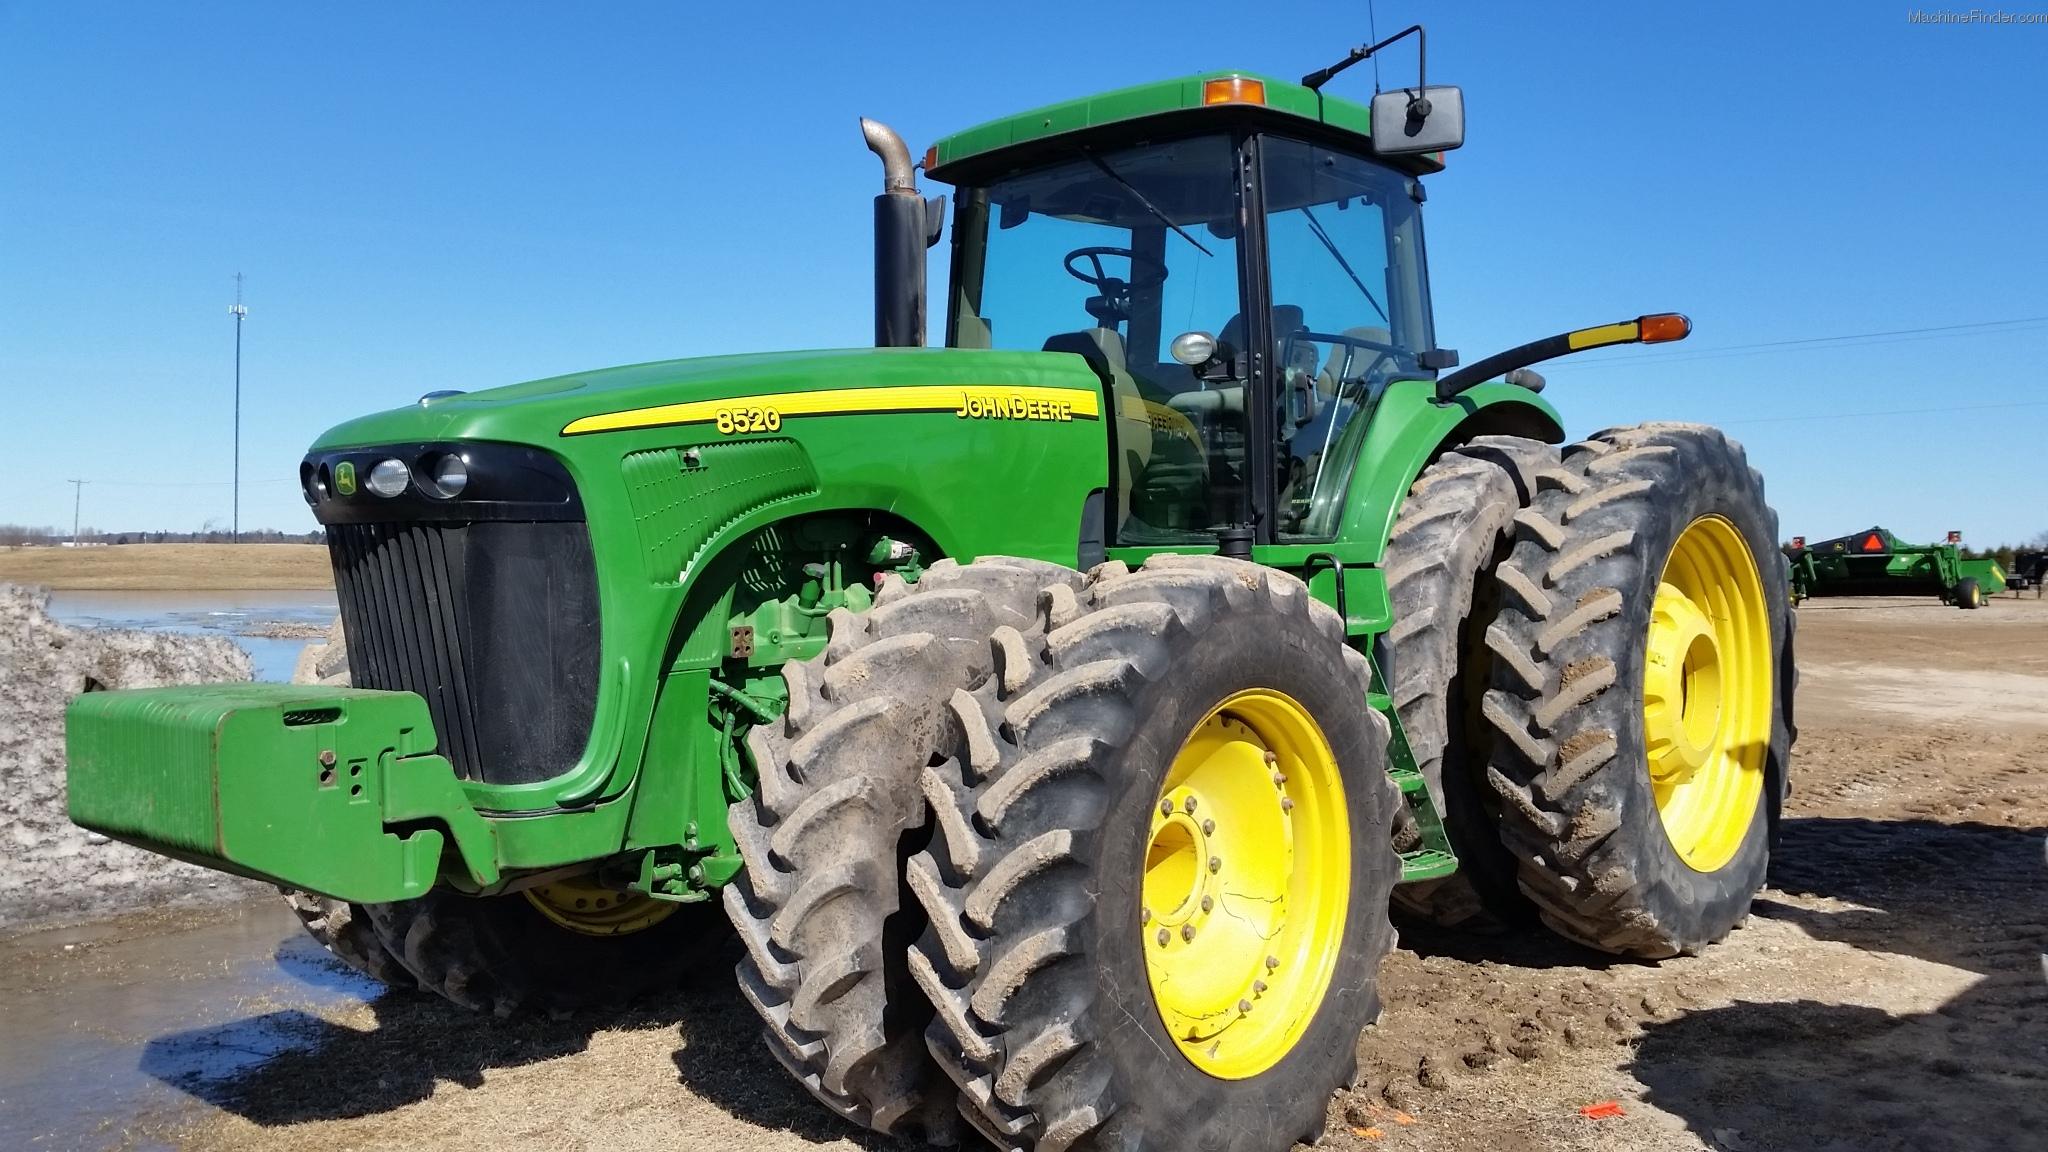 2005 John Deere 8520 Tractors - Row Crop (+100hp) - John ...